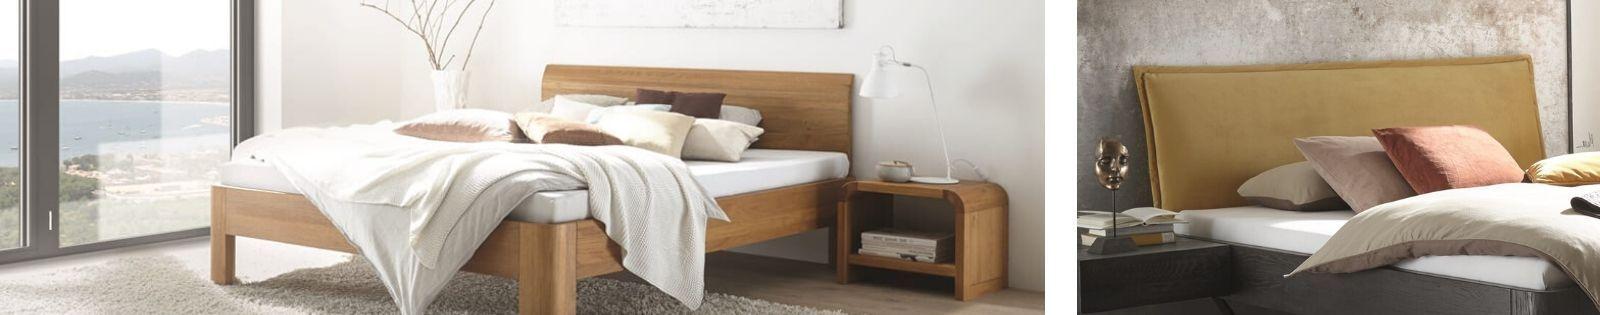 HASENA : GAMME OAK LINE. Meubles pour votre chambre en chêne massif.